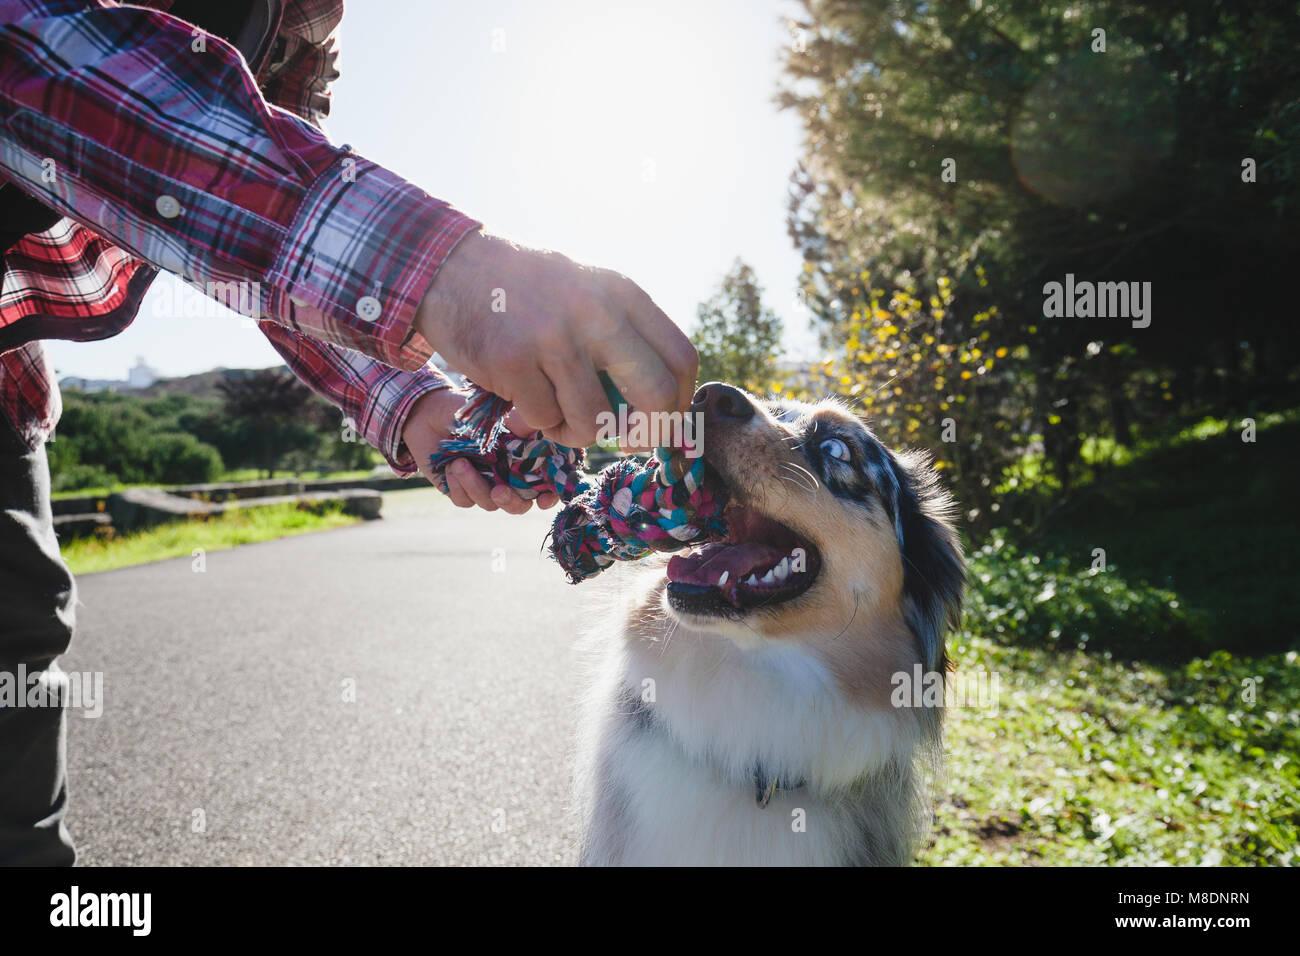 Uomo e cane giocando con la fune nel parco, ritagliato Immagini Stock